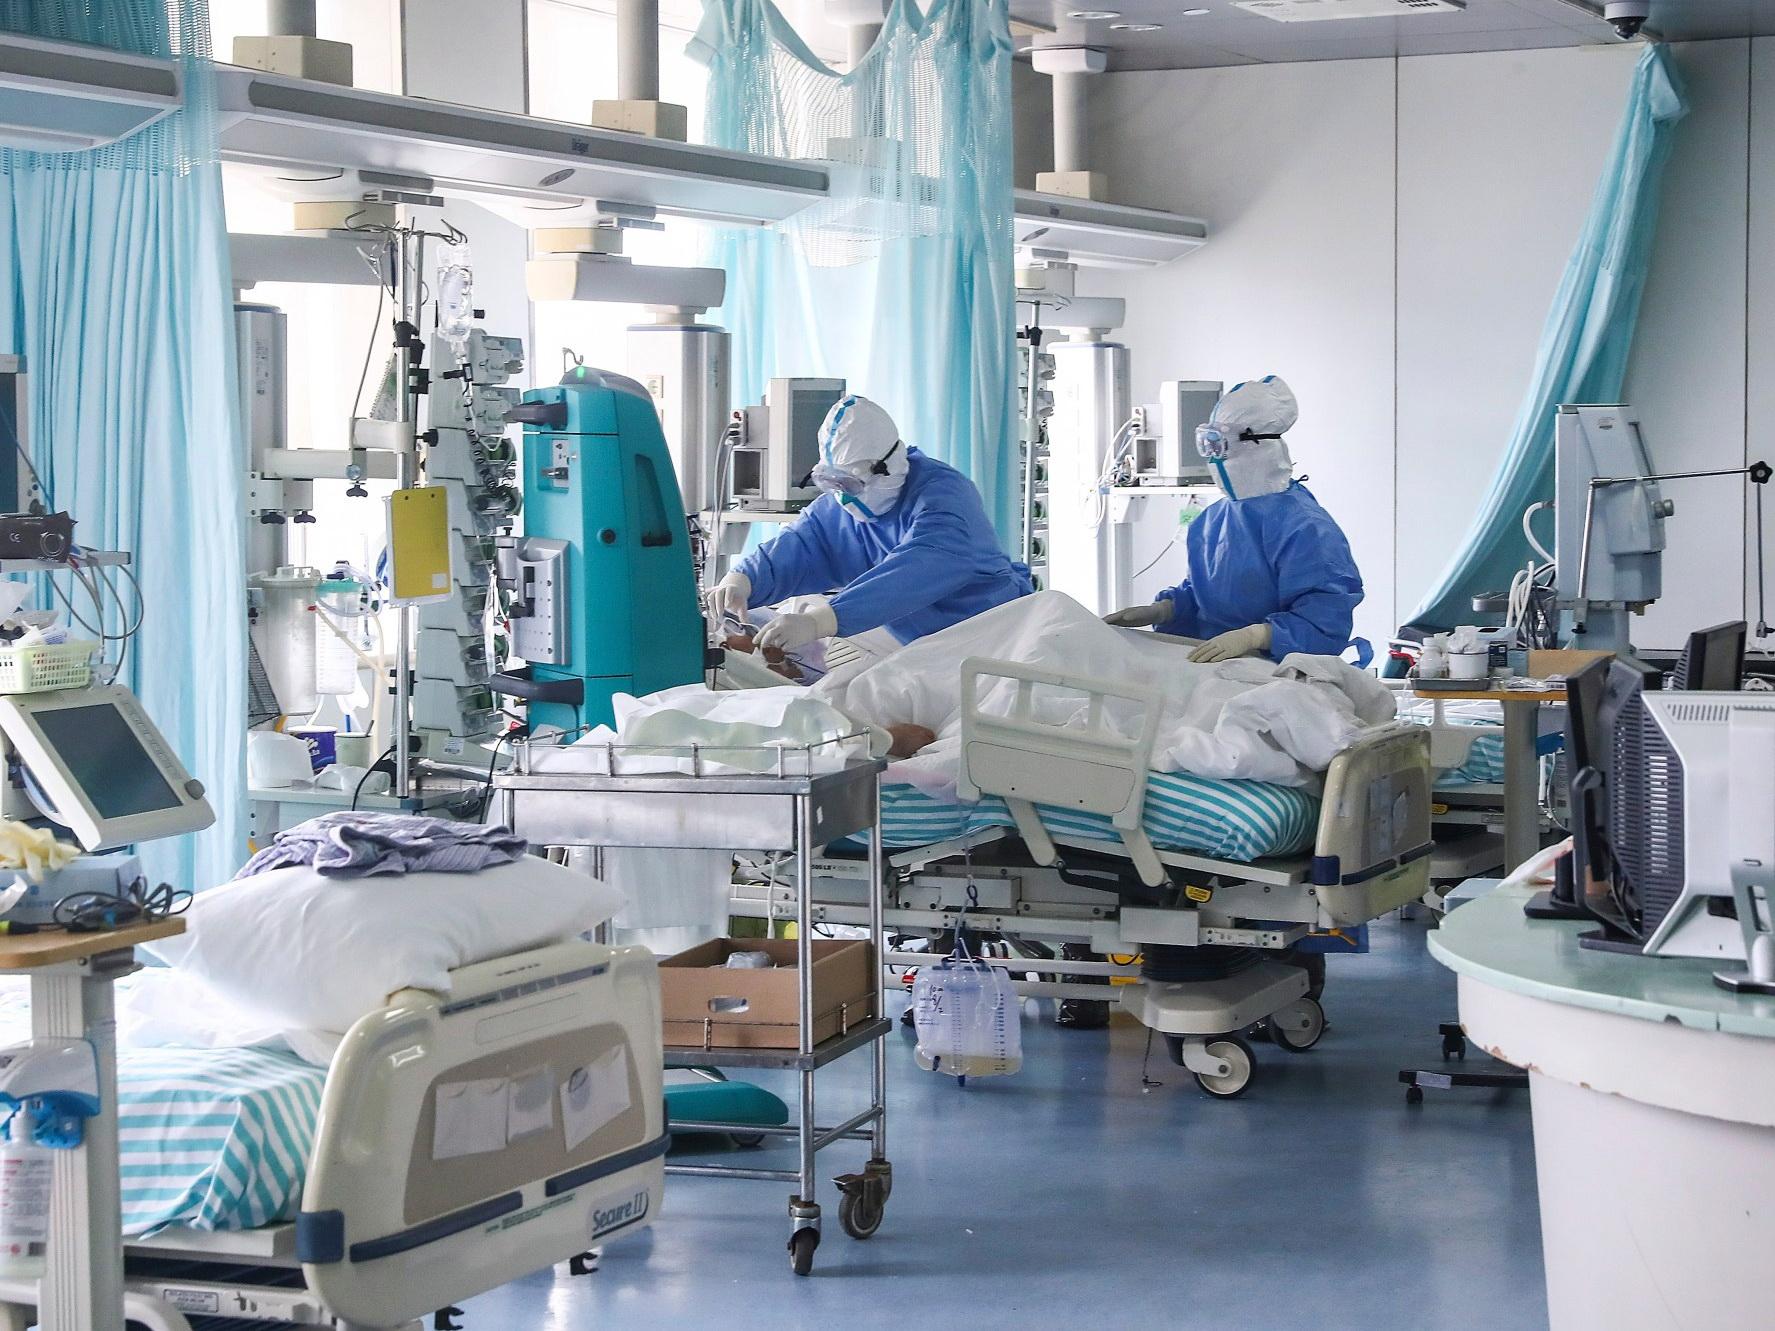 Статистика на 15 июля: 559 человек заразились коронавирусом, 545 вылечились